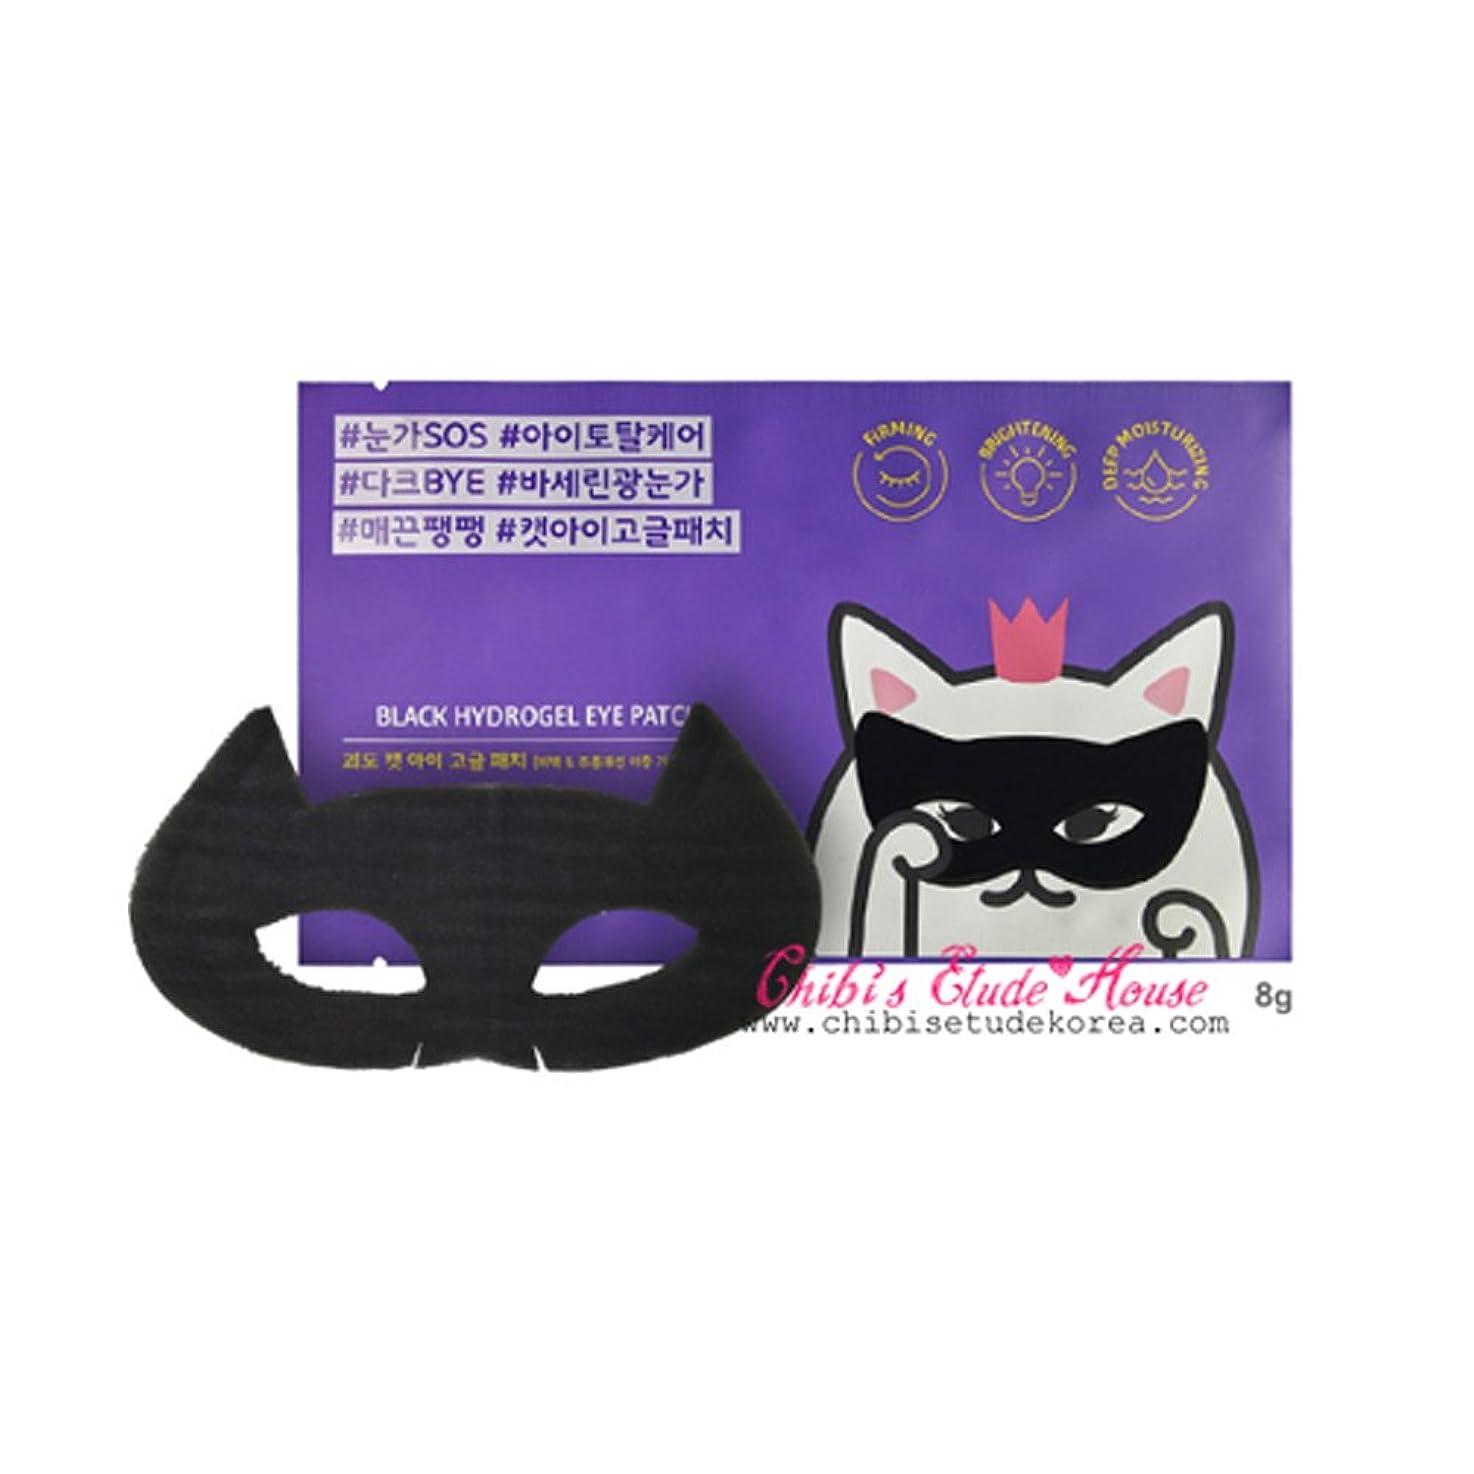 量補助金肘ETUDE HOUSE Black Hydrogel Eye Patch (並行輸入品)